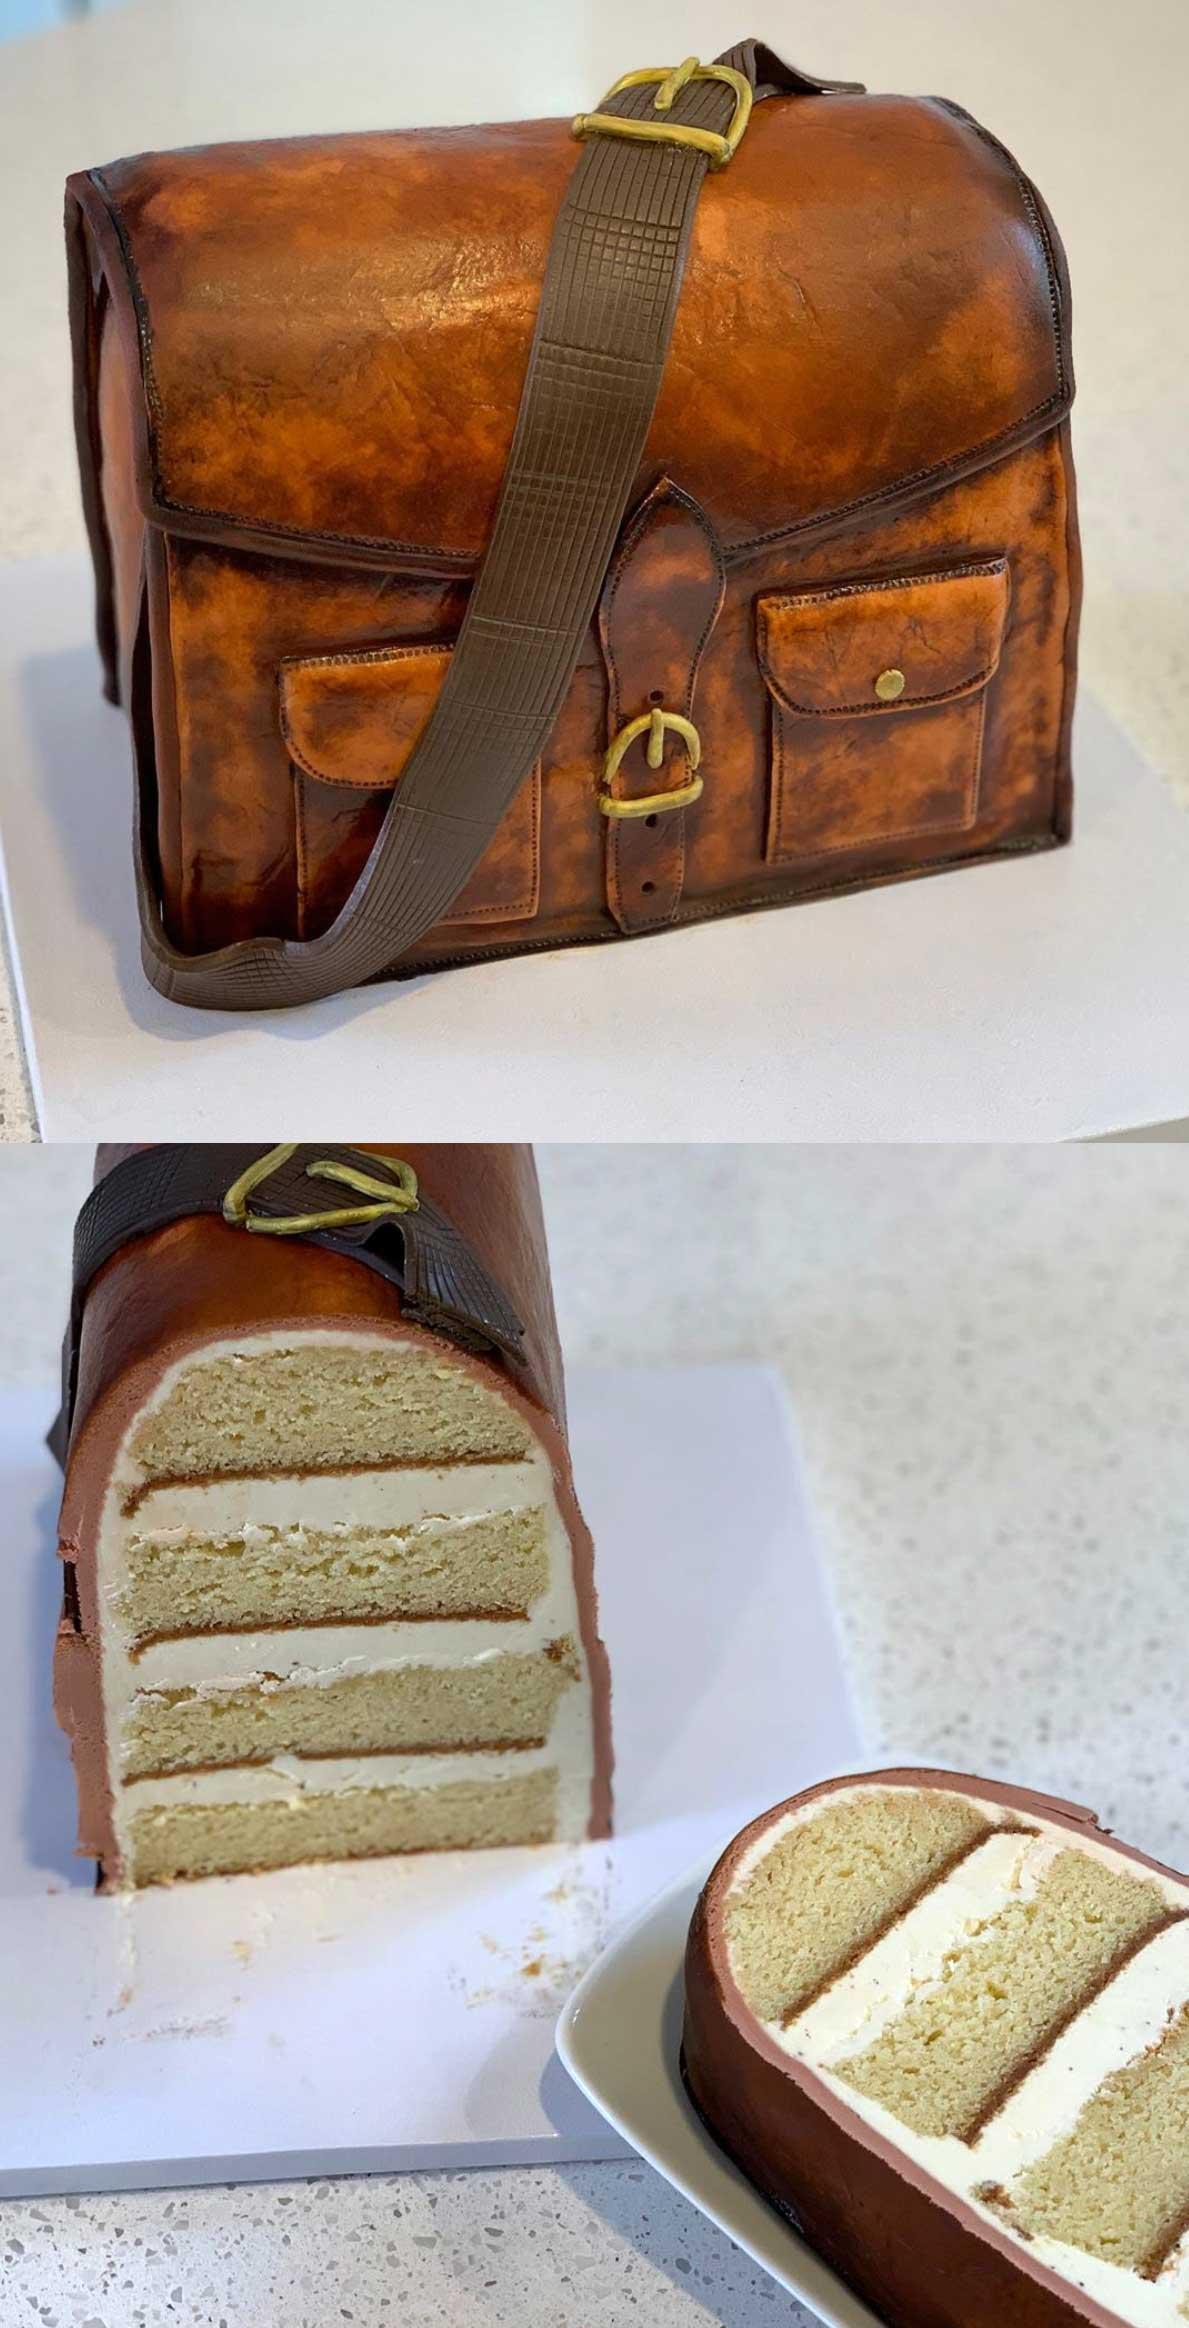 Kuchen, die wie realistische Alltagsgegenstände aussehen Luke-Vincentini-realistische-kuchenkunst_04